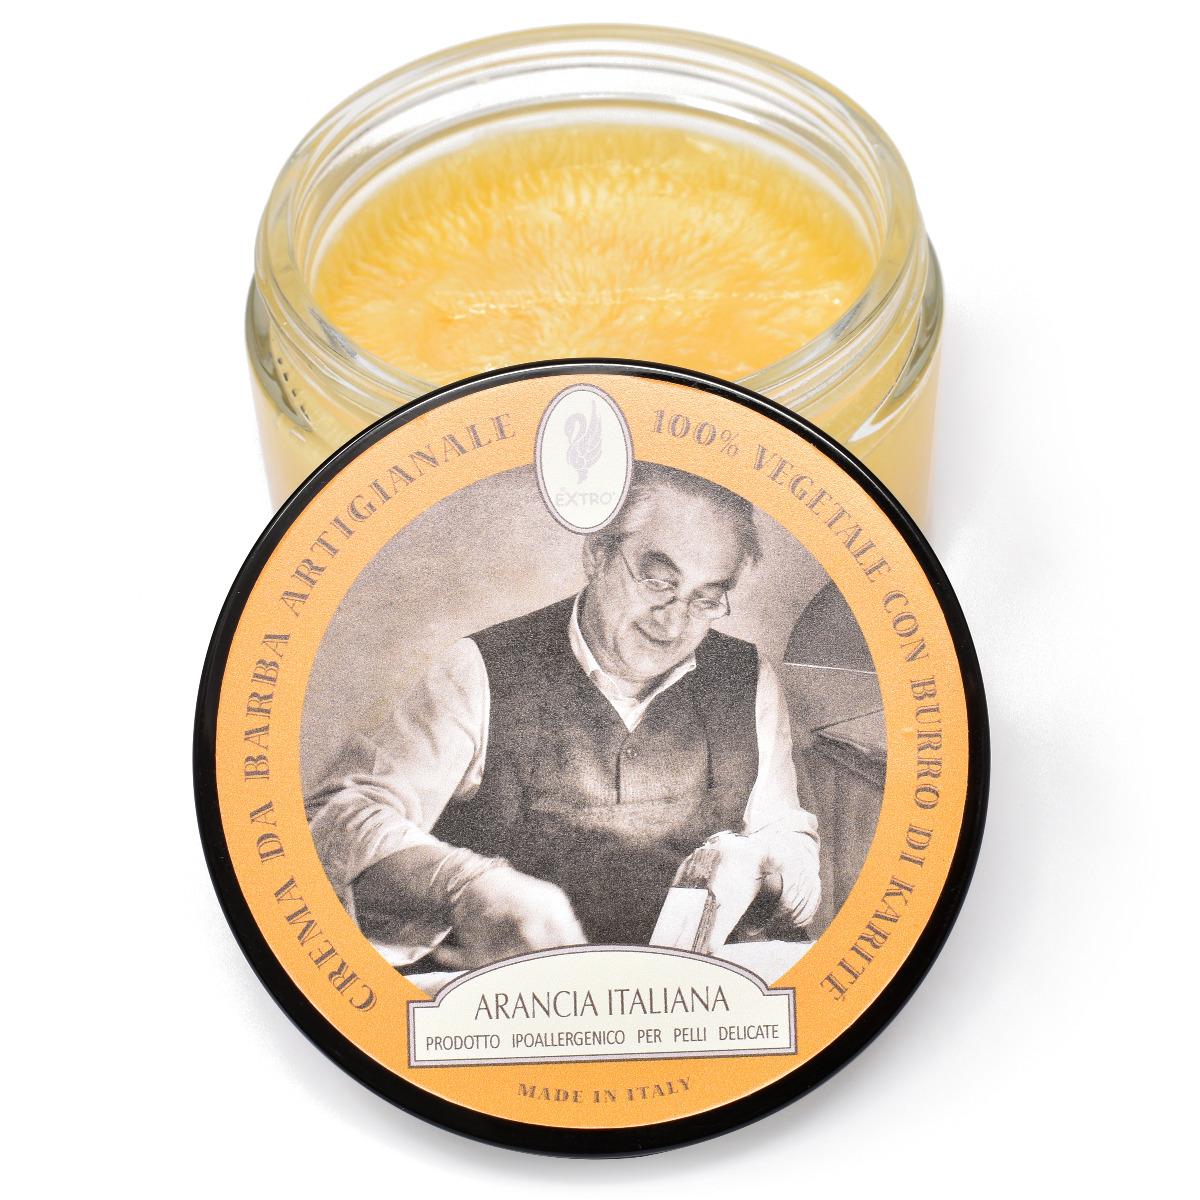 Extro Cosmesi Arancia Italiana Shaving Soap 150ml